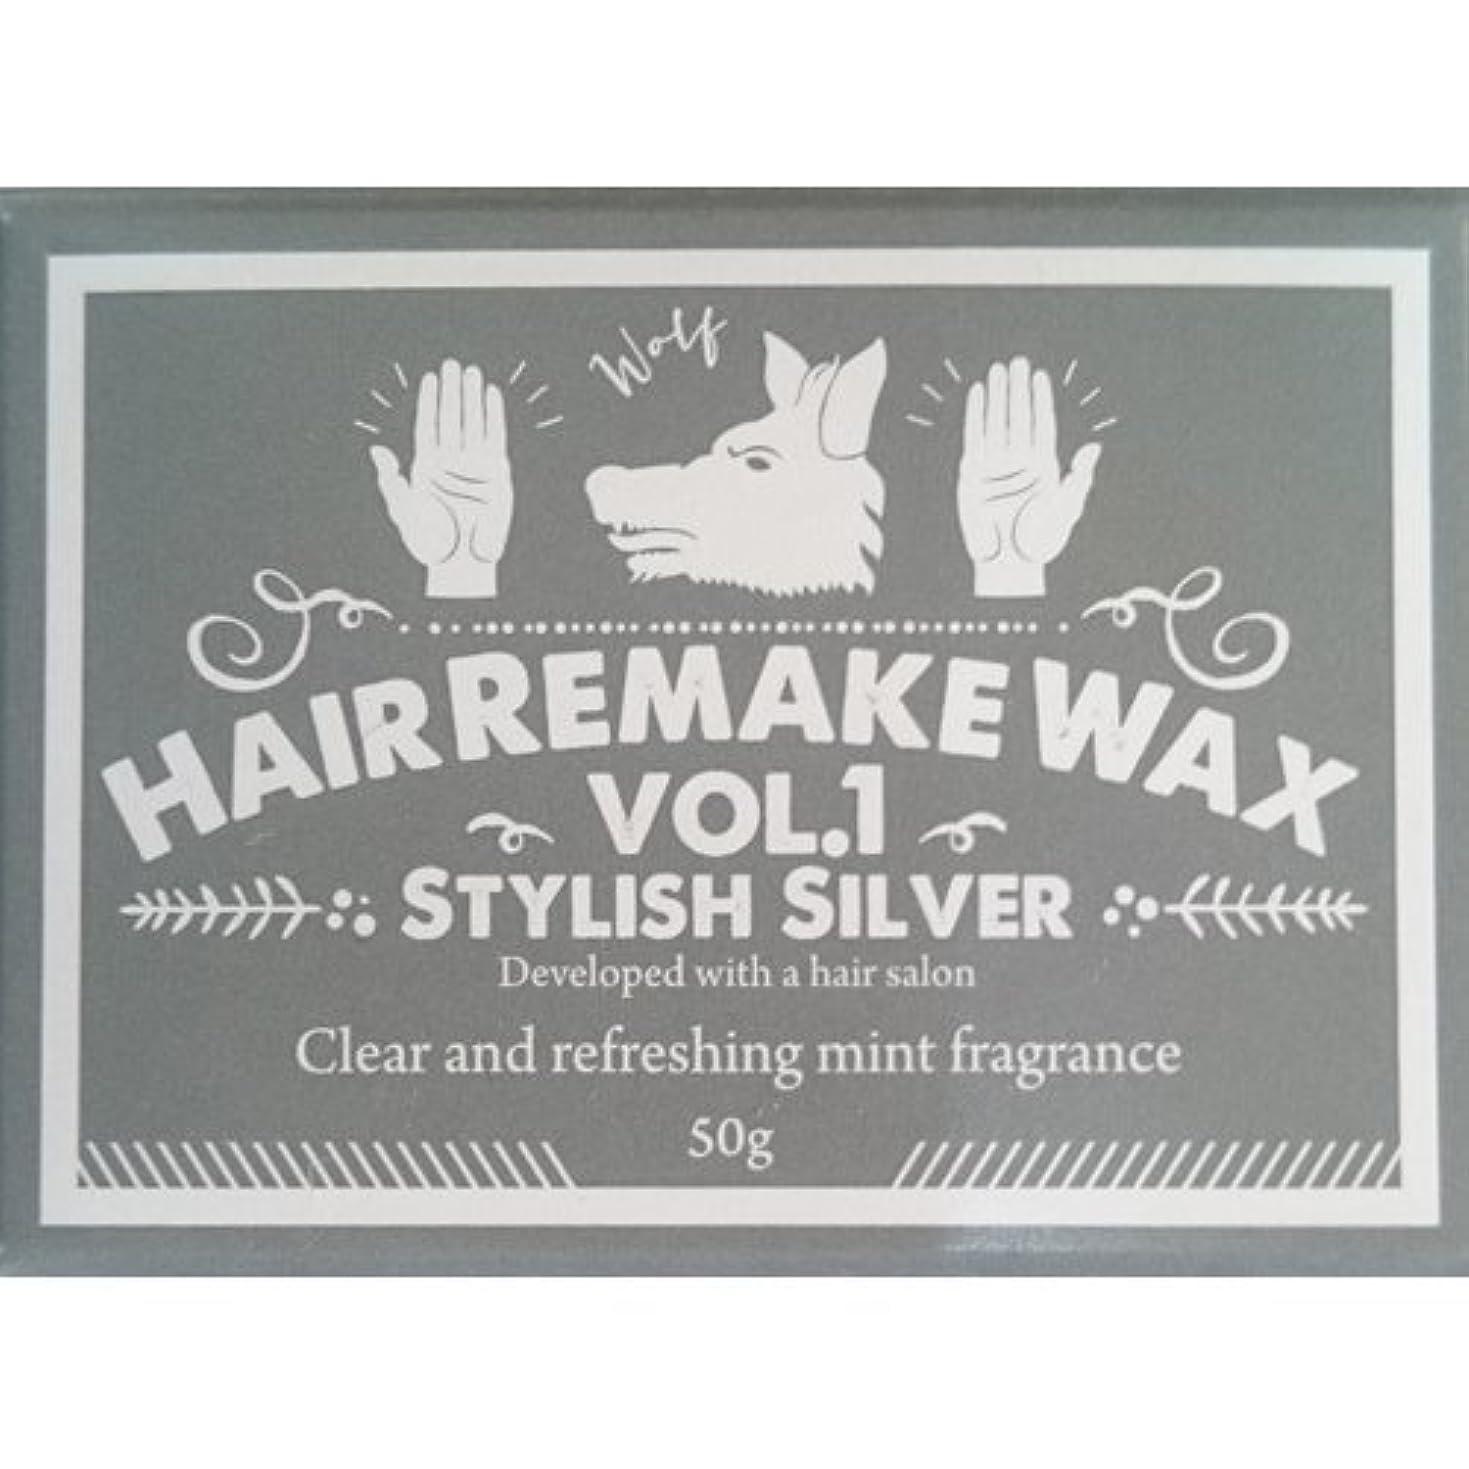 ユーモア不名誉名誉パーティー 変装 銀髪用 Hair Remake(ヘアーリメイクワックス)WAX Vol.1 スタイリッシュシルバー 50g